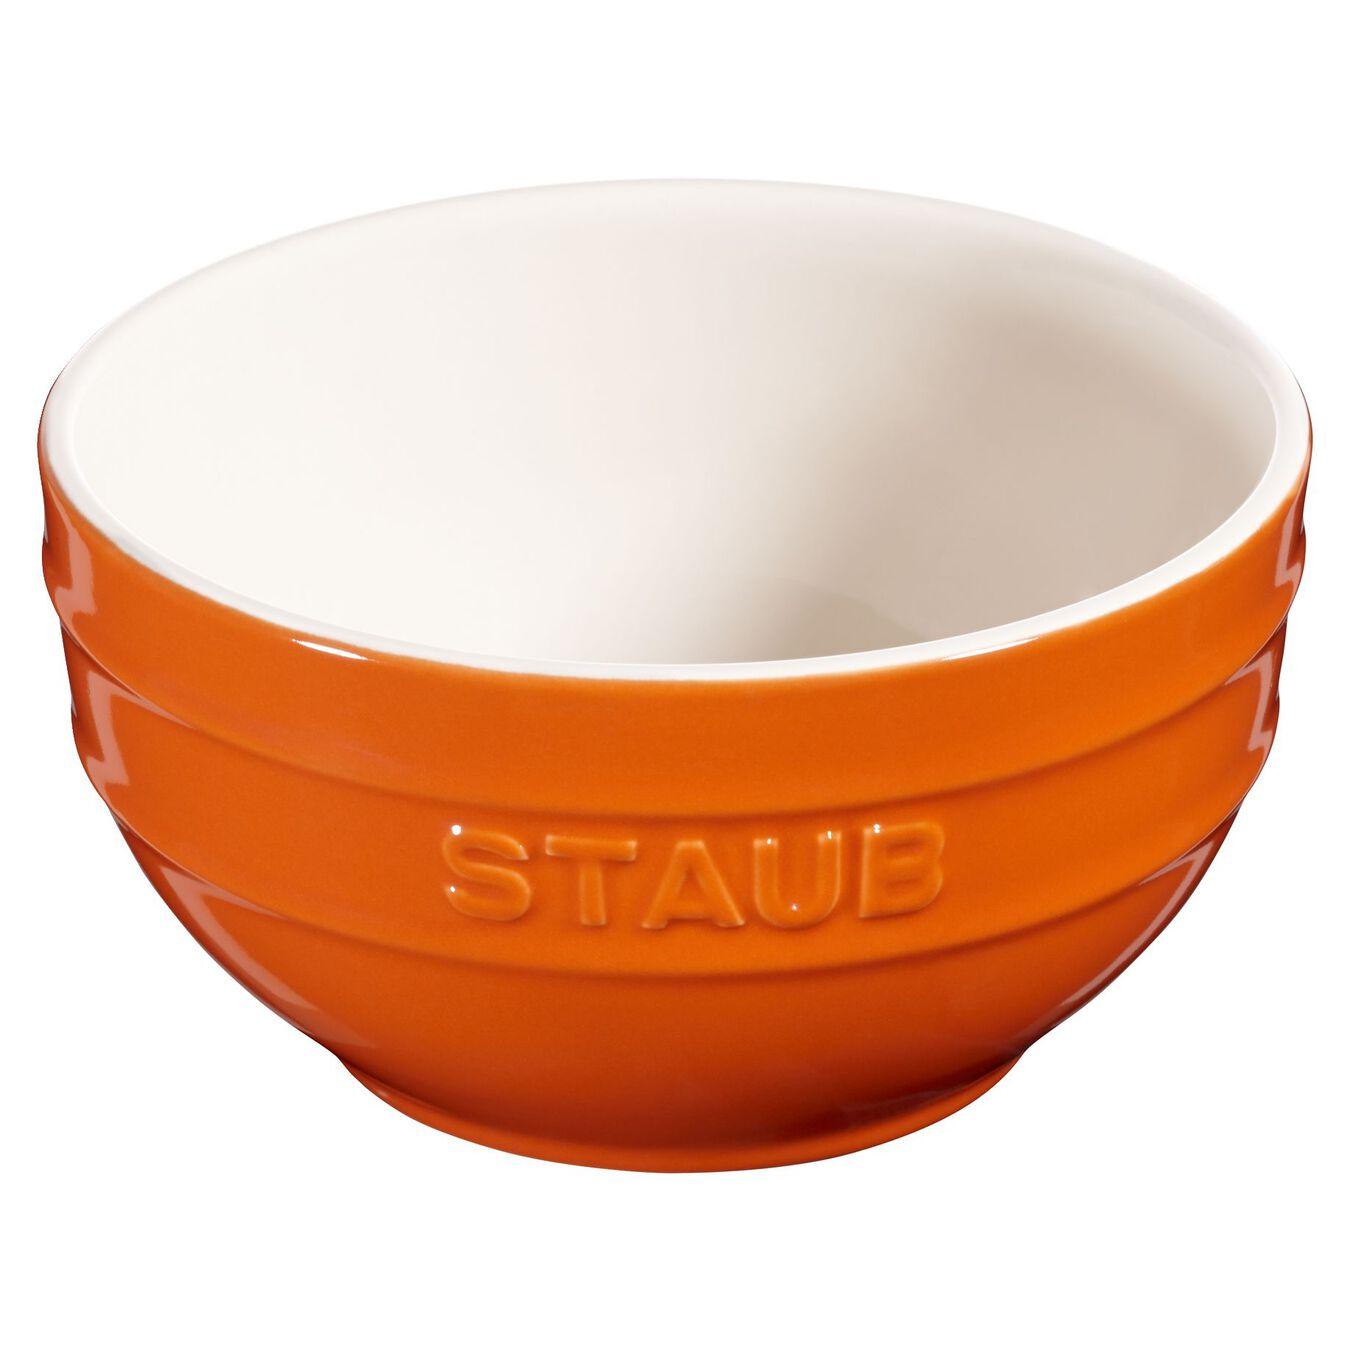 Skål 14 cm, Keramisk, Orange,,large 1